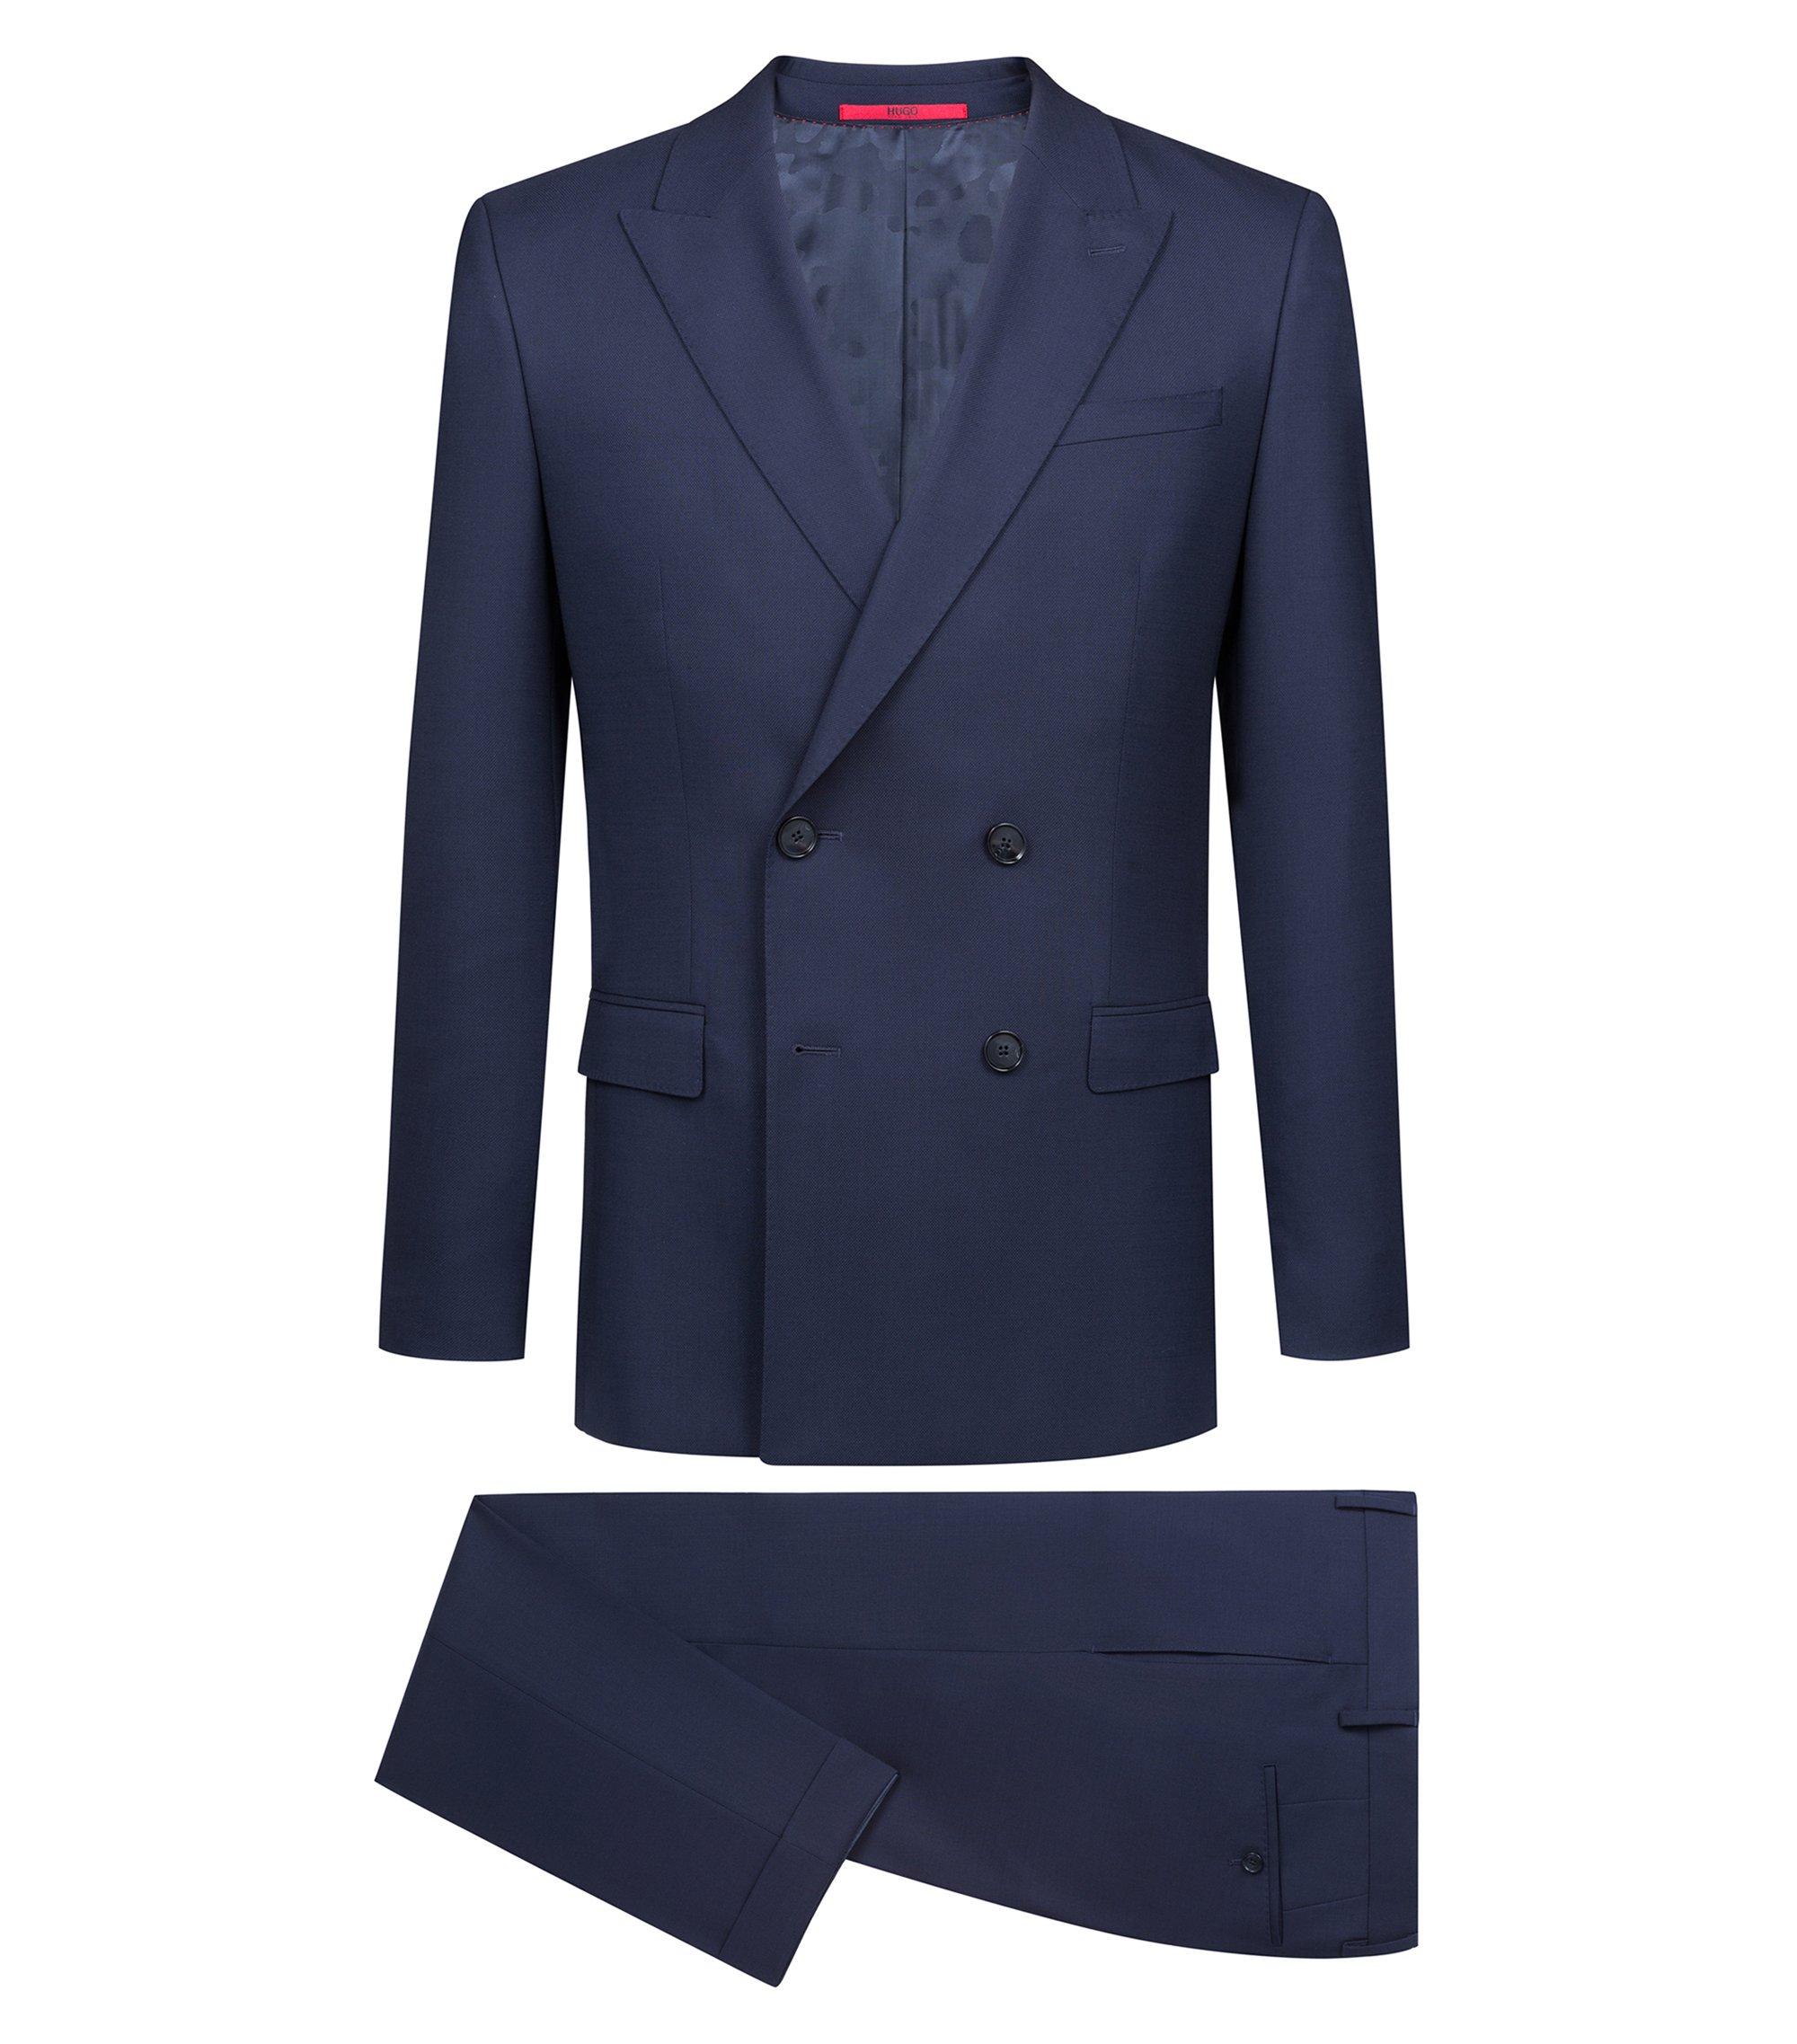 Abito doppiopetto slim fit in lana vergine realizzata in Italia, Blu scuro